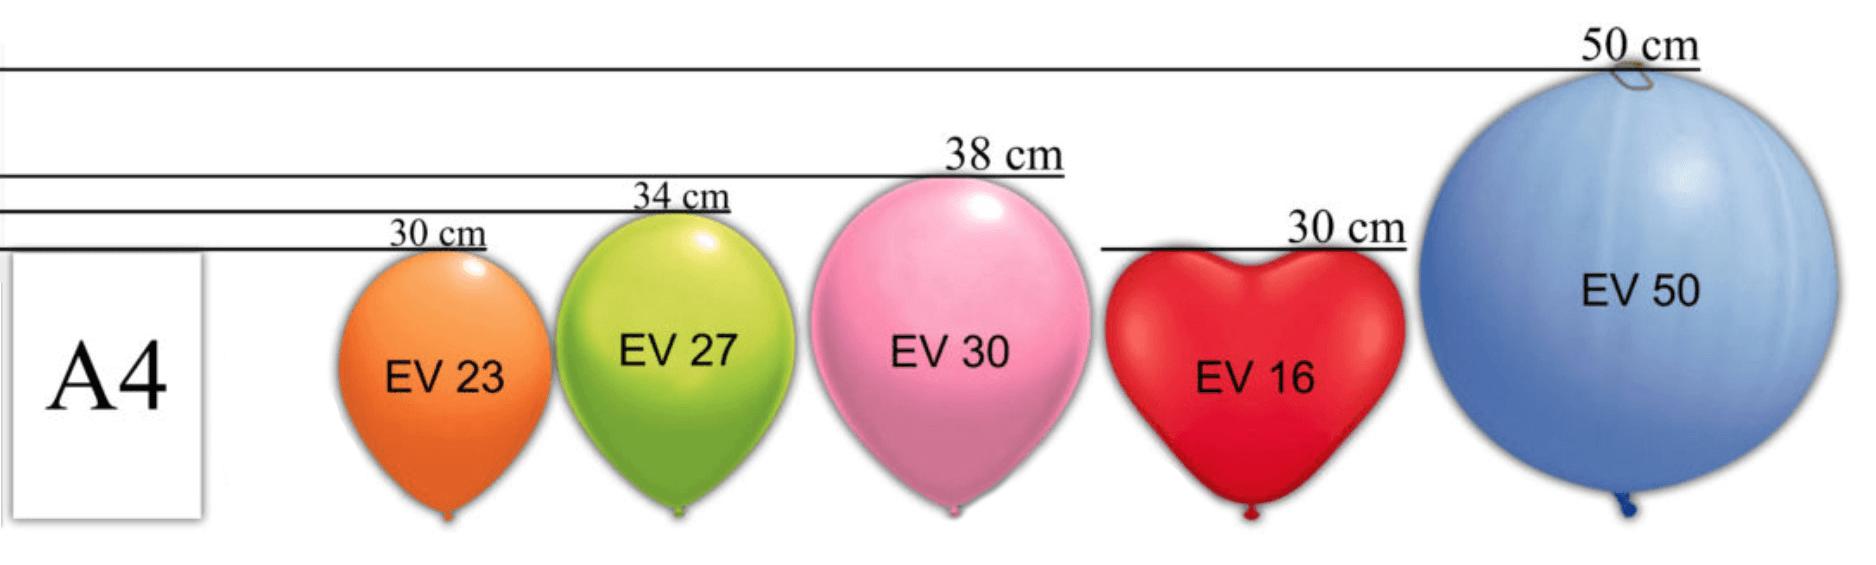 størrelser på balloner